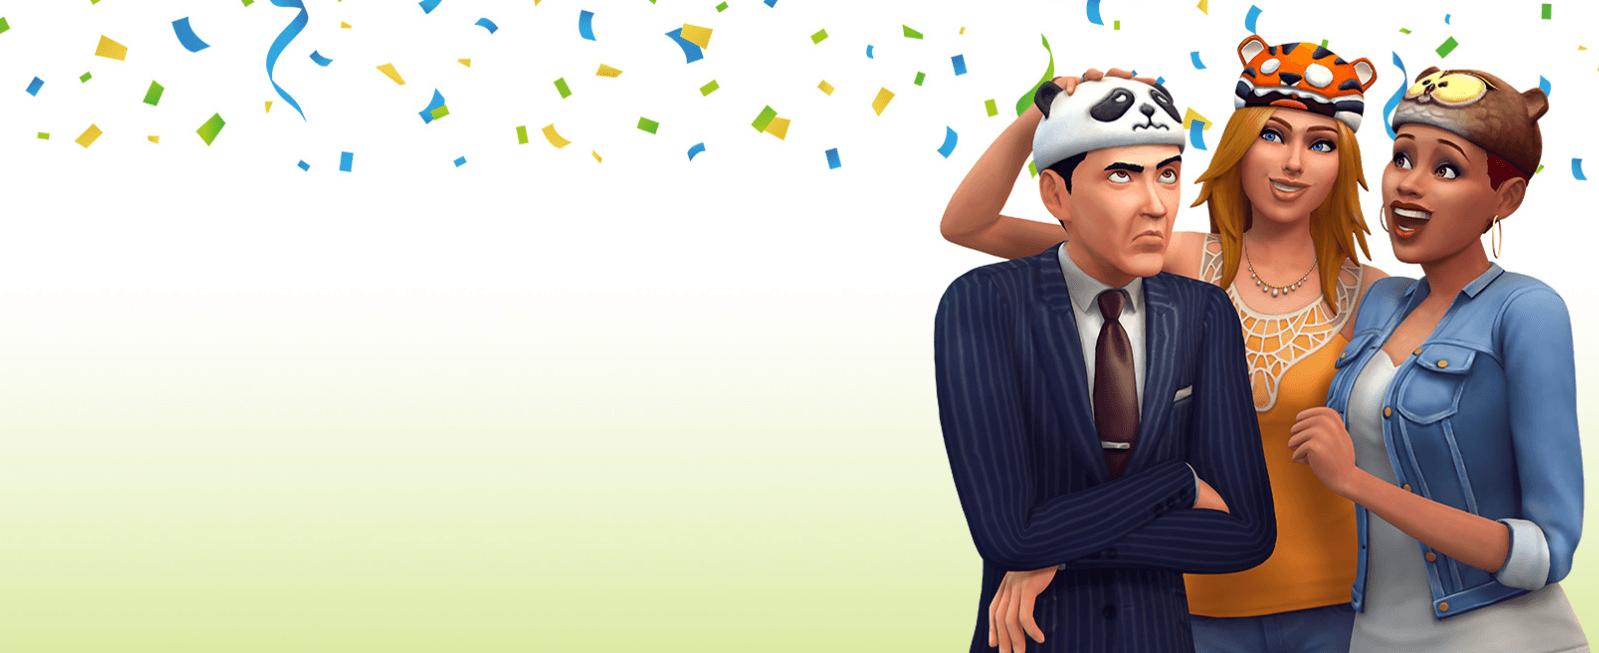 Les Sims 4 : Iles Paradisiaques sur PS4, PC, XB1, Mac : Toutes les astuces et soluces